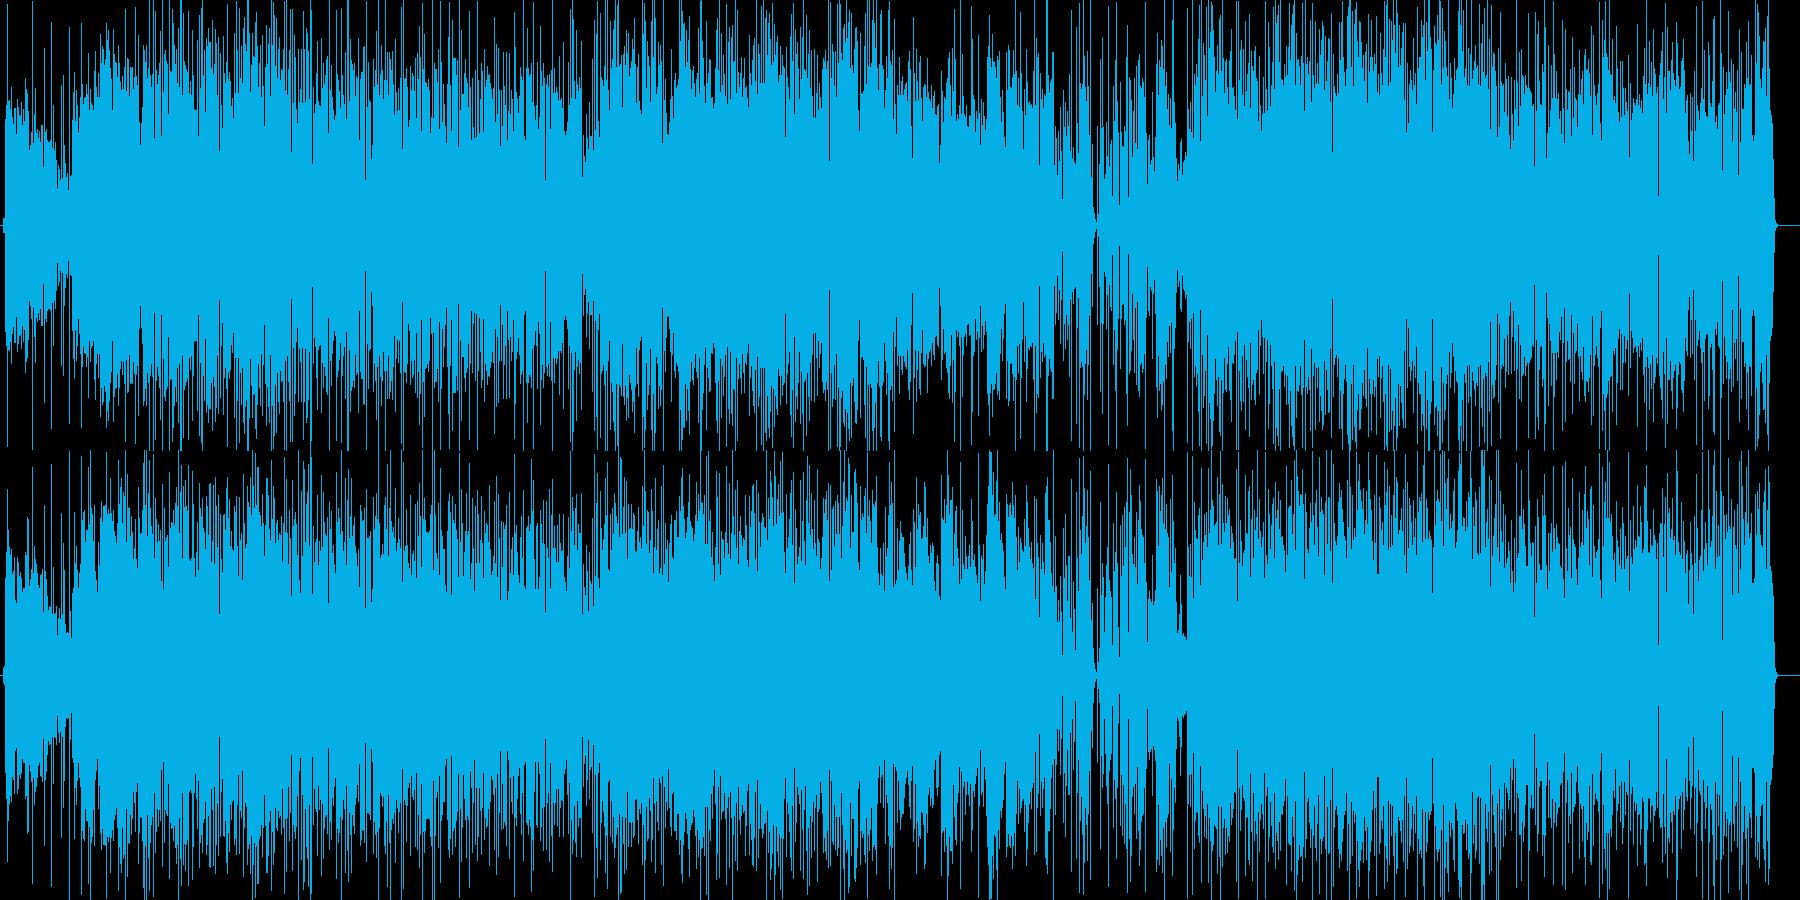 大人な雰囲気のアシッドジャズ2の再生済みの波形